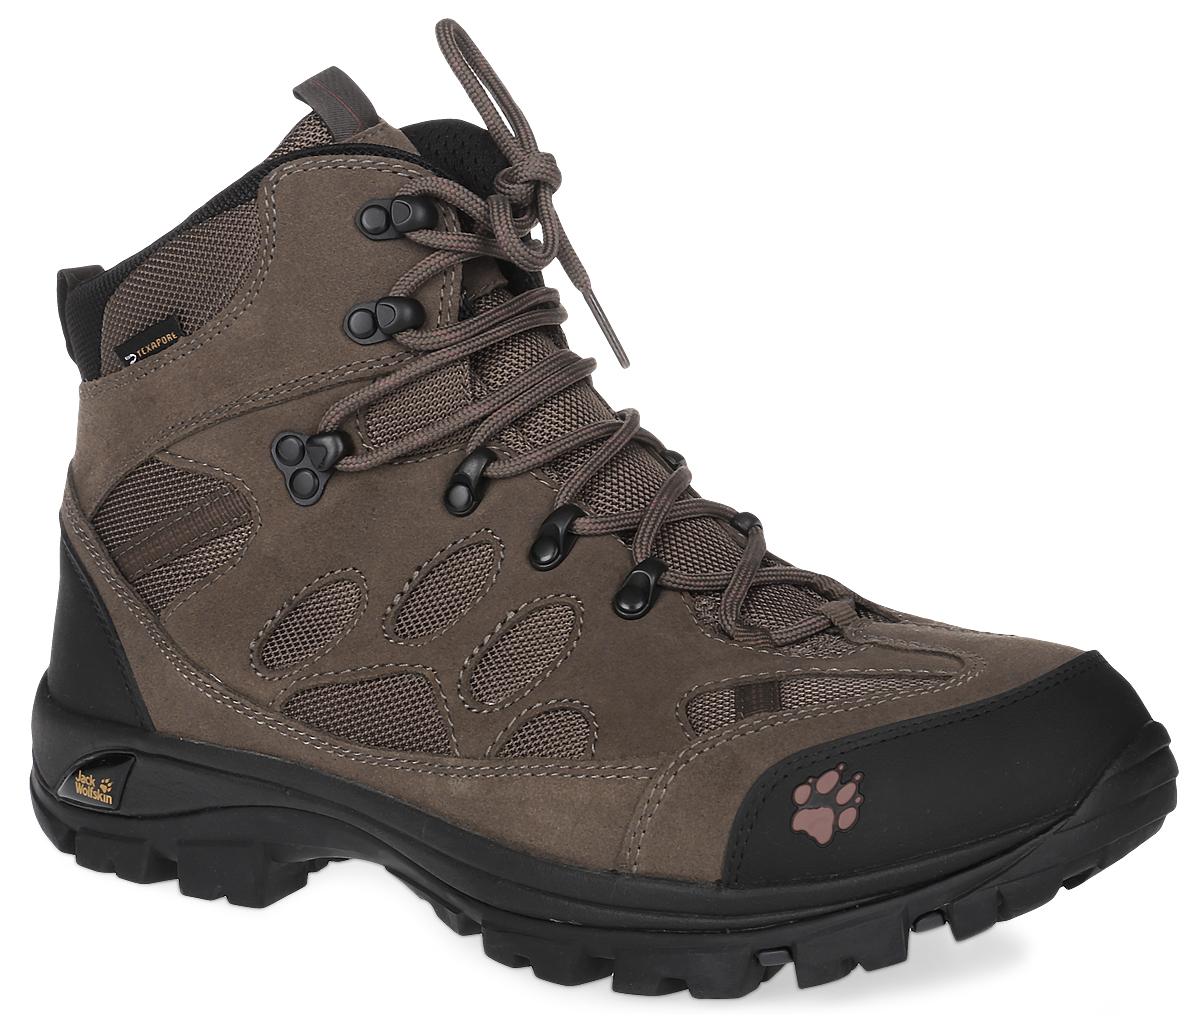 4017871-3720Классические водостойкие трекинговые ботинки All Terrain 7 Texapore от Jack Wolfskin воплощают все качества, необходимые в многодневных трекинг-походах: вот уже несколько лет водостойкие ботинки All Terrain привлекают повышенной комфортностью, хорошими характеристиками переката и мощной амортизацией. Модель выполнена из натуральной замши и дышащего и водостойкого материала. Дышащая, быстросохнущая подкладка из полиэстера Circuliner (Сёркулайнер) сохраняет тепло и комфорт. Седьмая версия ботинок All Terrain оснащена шероховатой, жесткой на кручение и легкой подошвой Vibram (Вибрам), которая гарантирует хорошую амортизацию и отличное сцепление с поверхностью. Расположенная снизу мембрана Texapore (Тексапор) гарантирует надежную защиту от влаги. Эти ботинки рекомендуется надевать как в однодневные, так и в многодневные походы. Шнуровка через металлические крючки надежно фиксирует обувь на ноге.